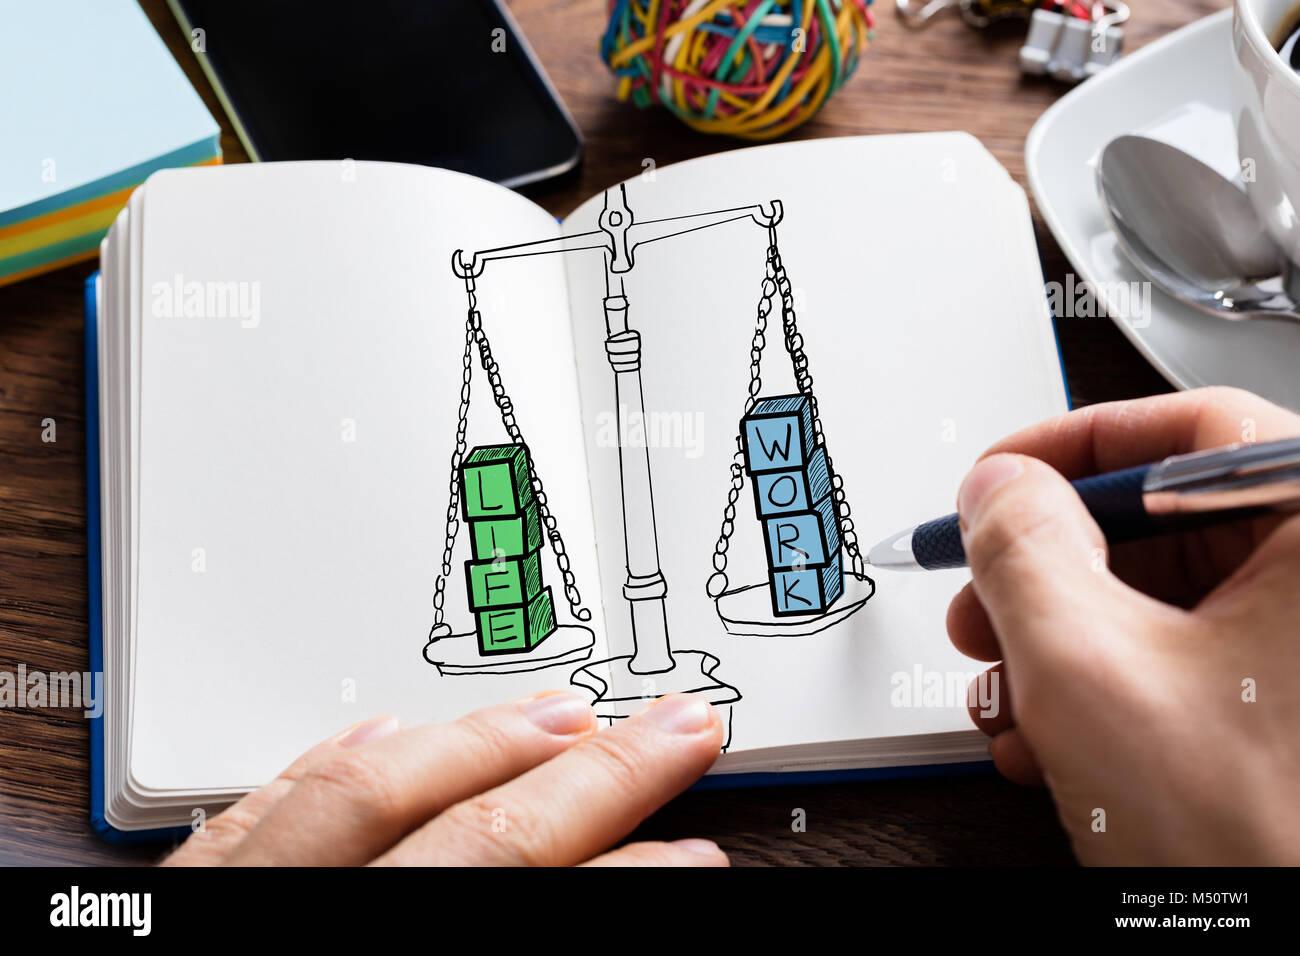 Disegno Uomo Alla Scrivania : Disegno uomo work life balance concetto alla scrivania foto